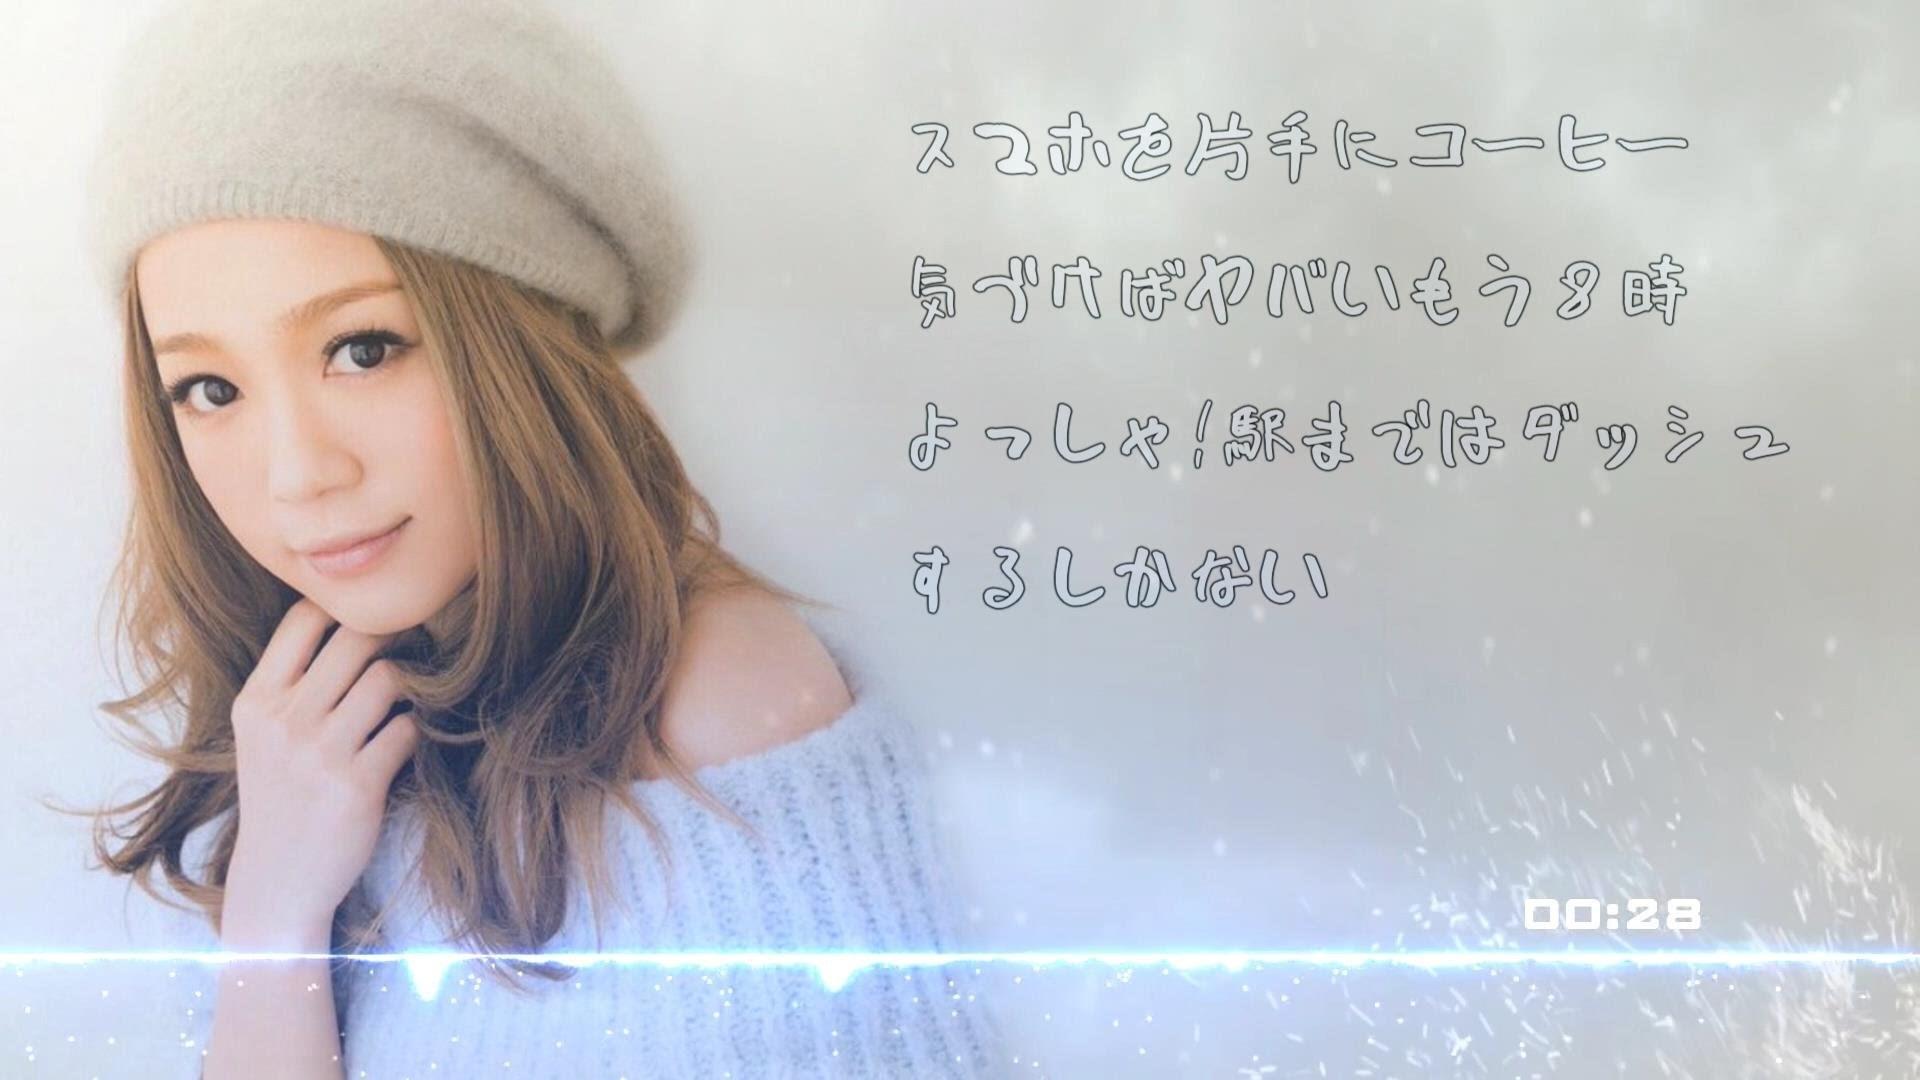 西野カナの曲 Have A Nice Day で着メロレクチャーブログ トレンド